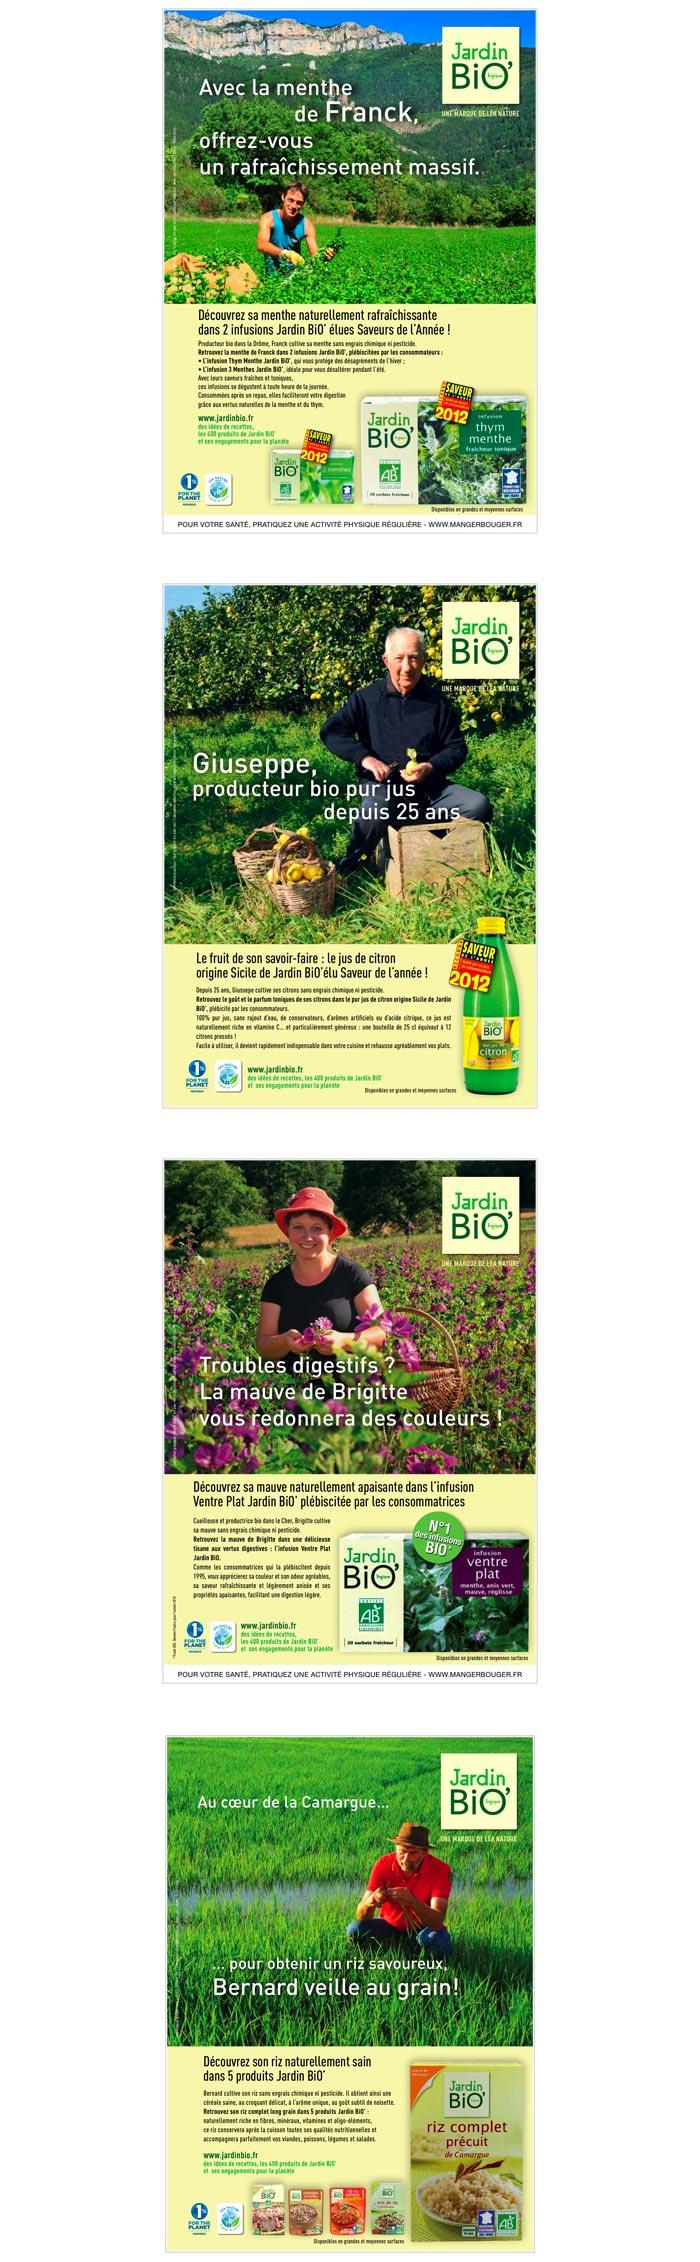 publicité print pour marque alimentation bio